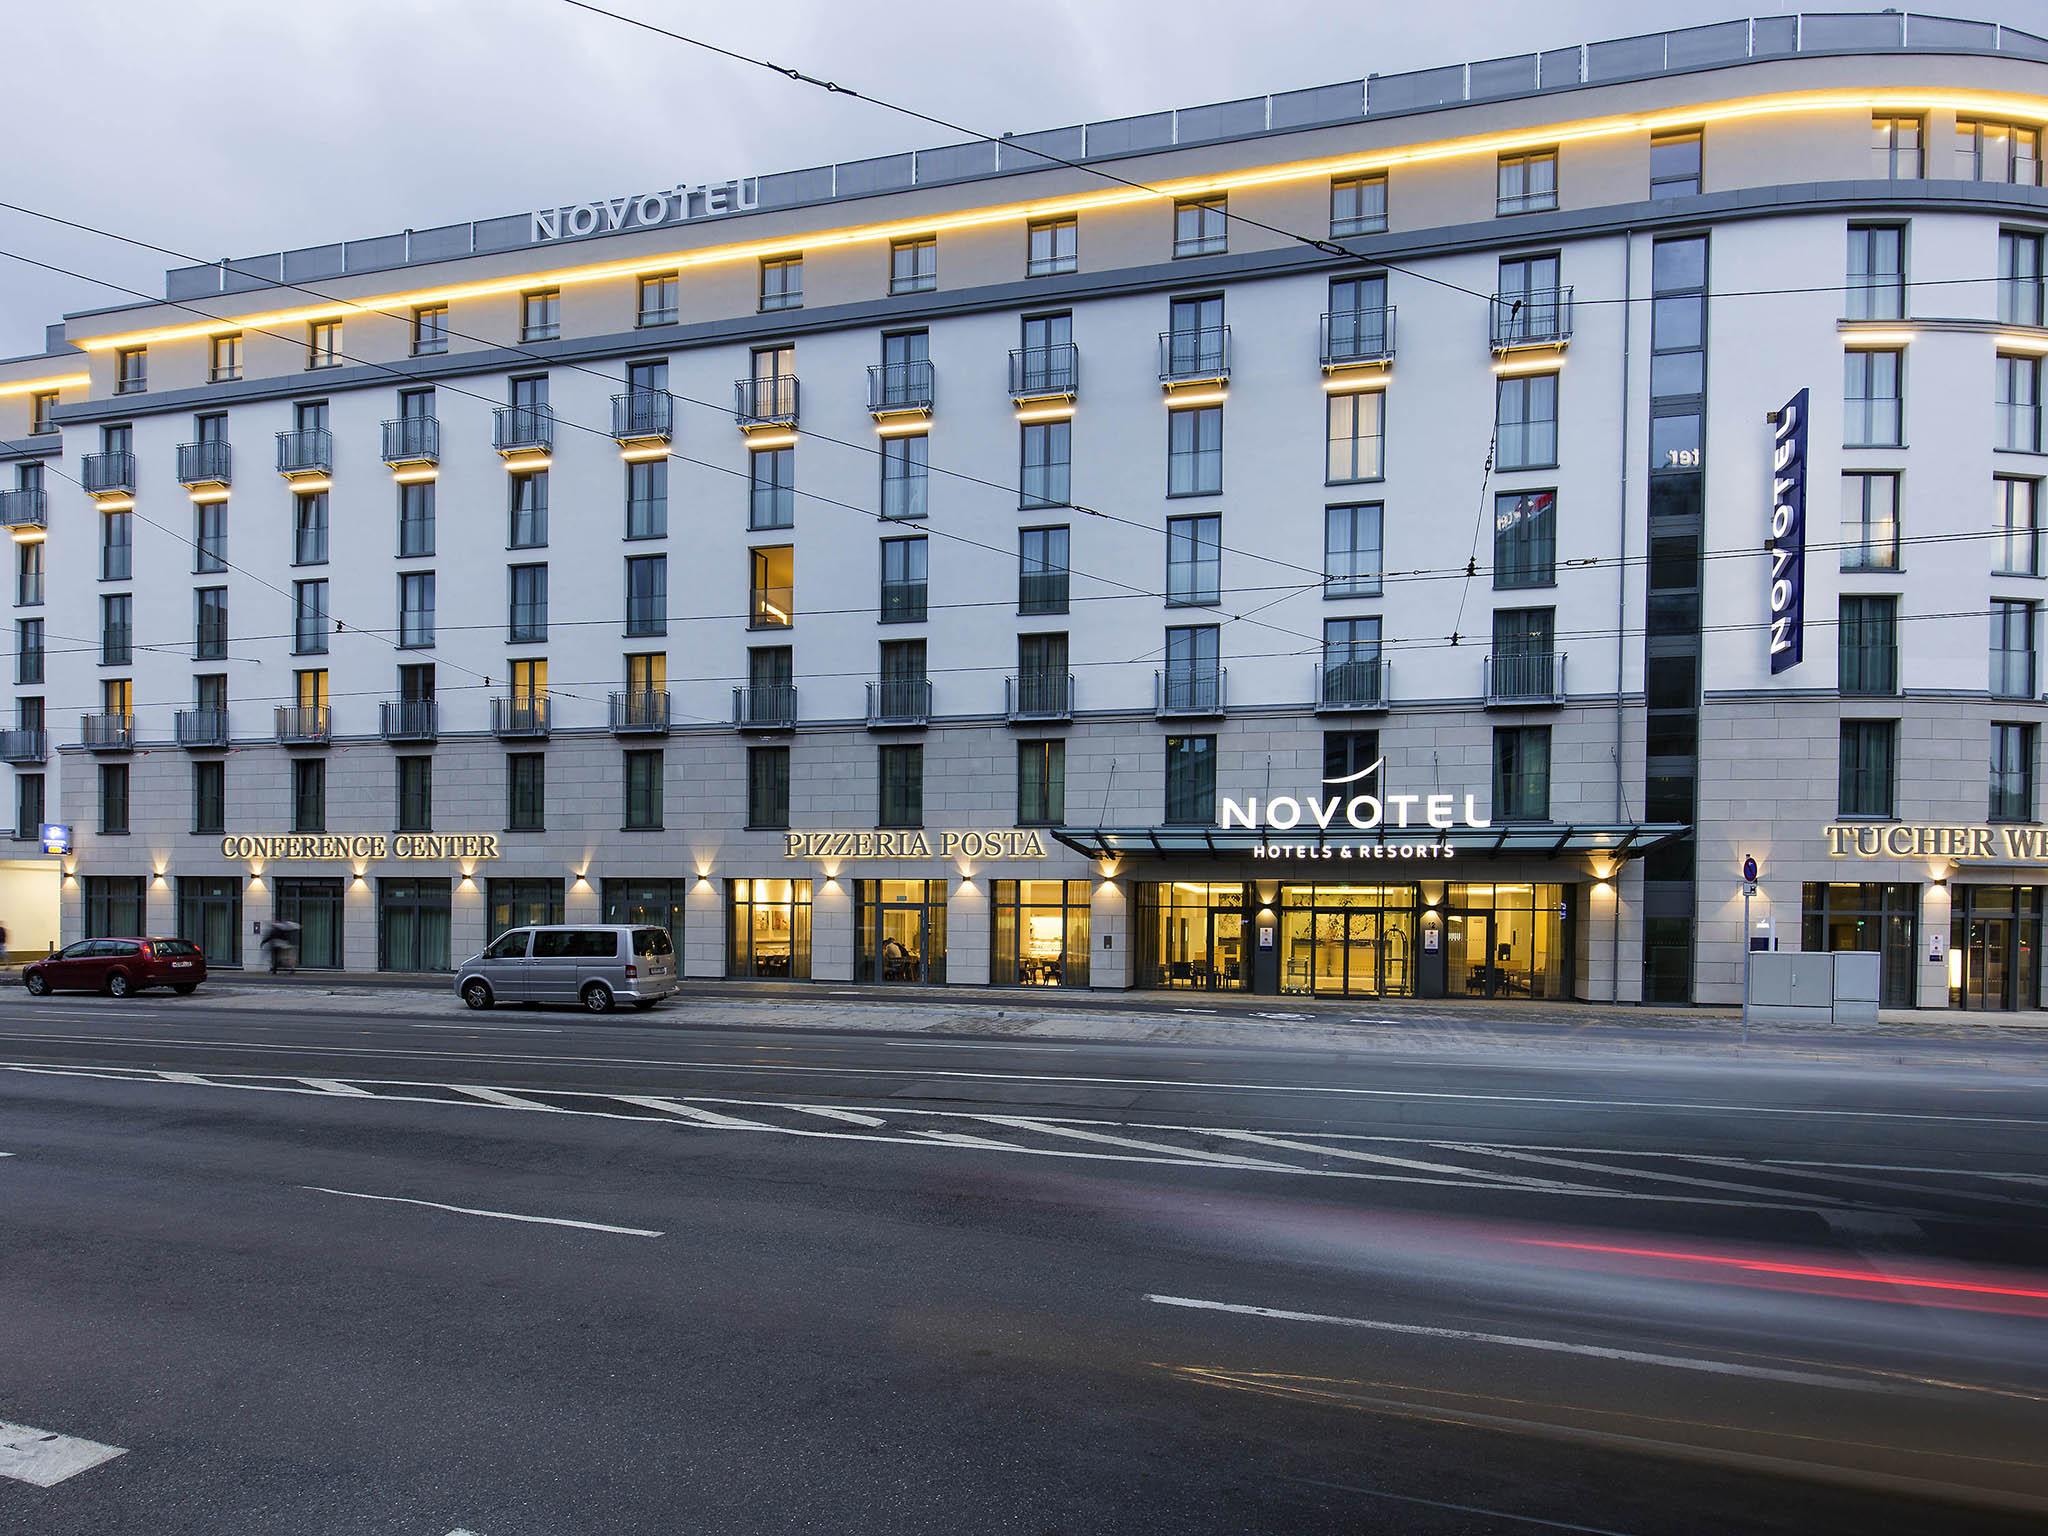 ホテル – ノボテル ニュルンベルク サントル ヴィル